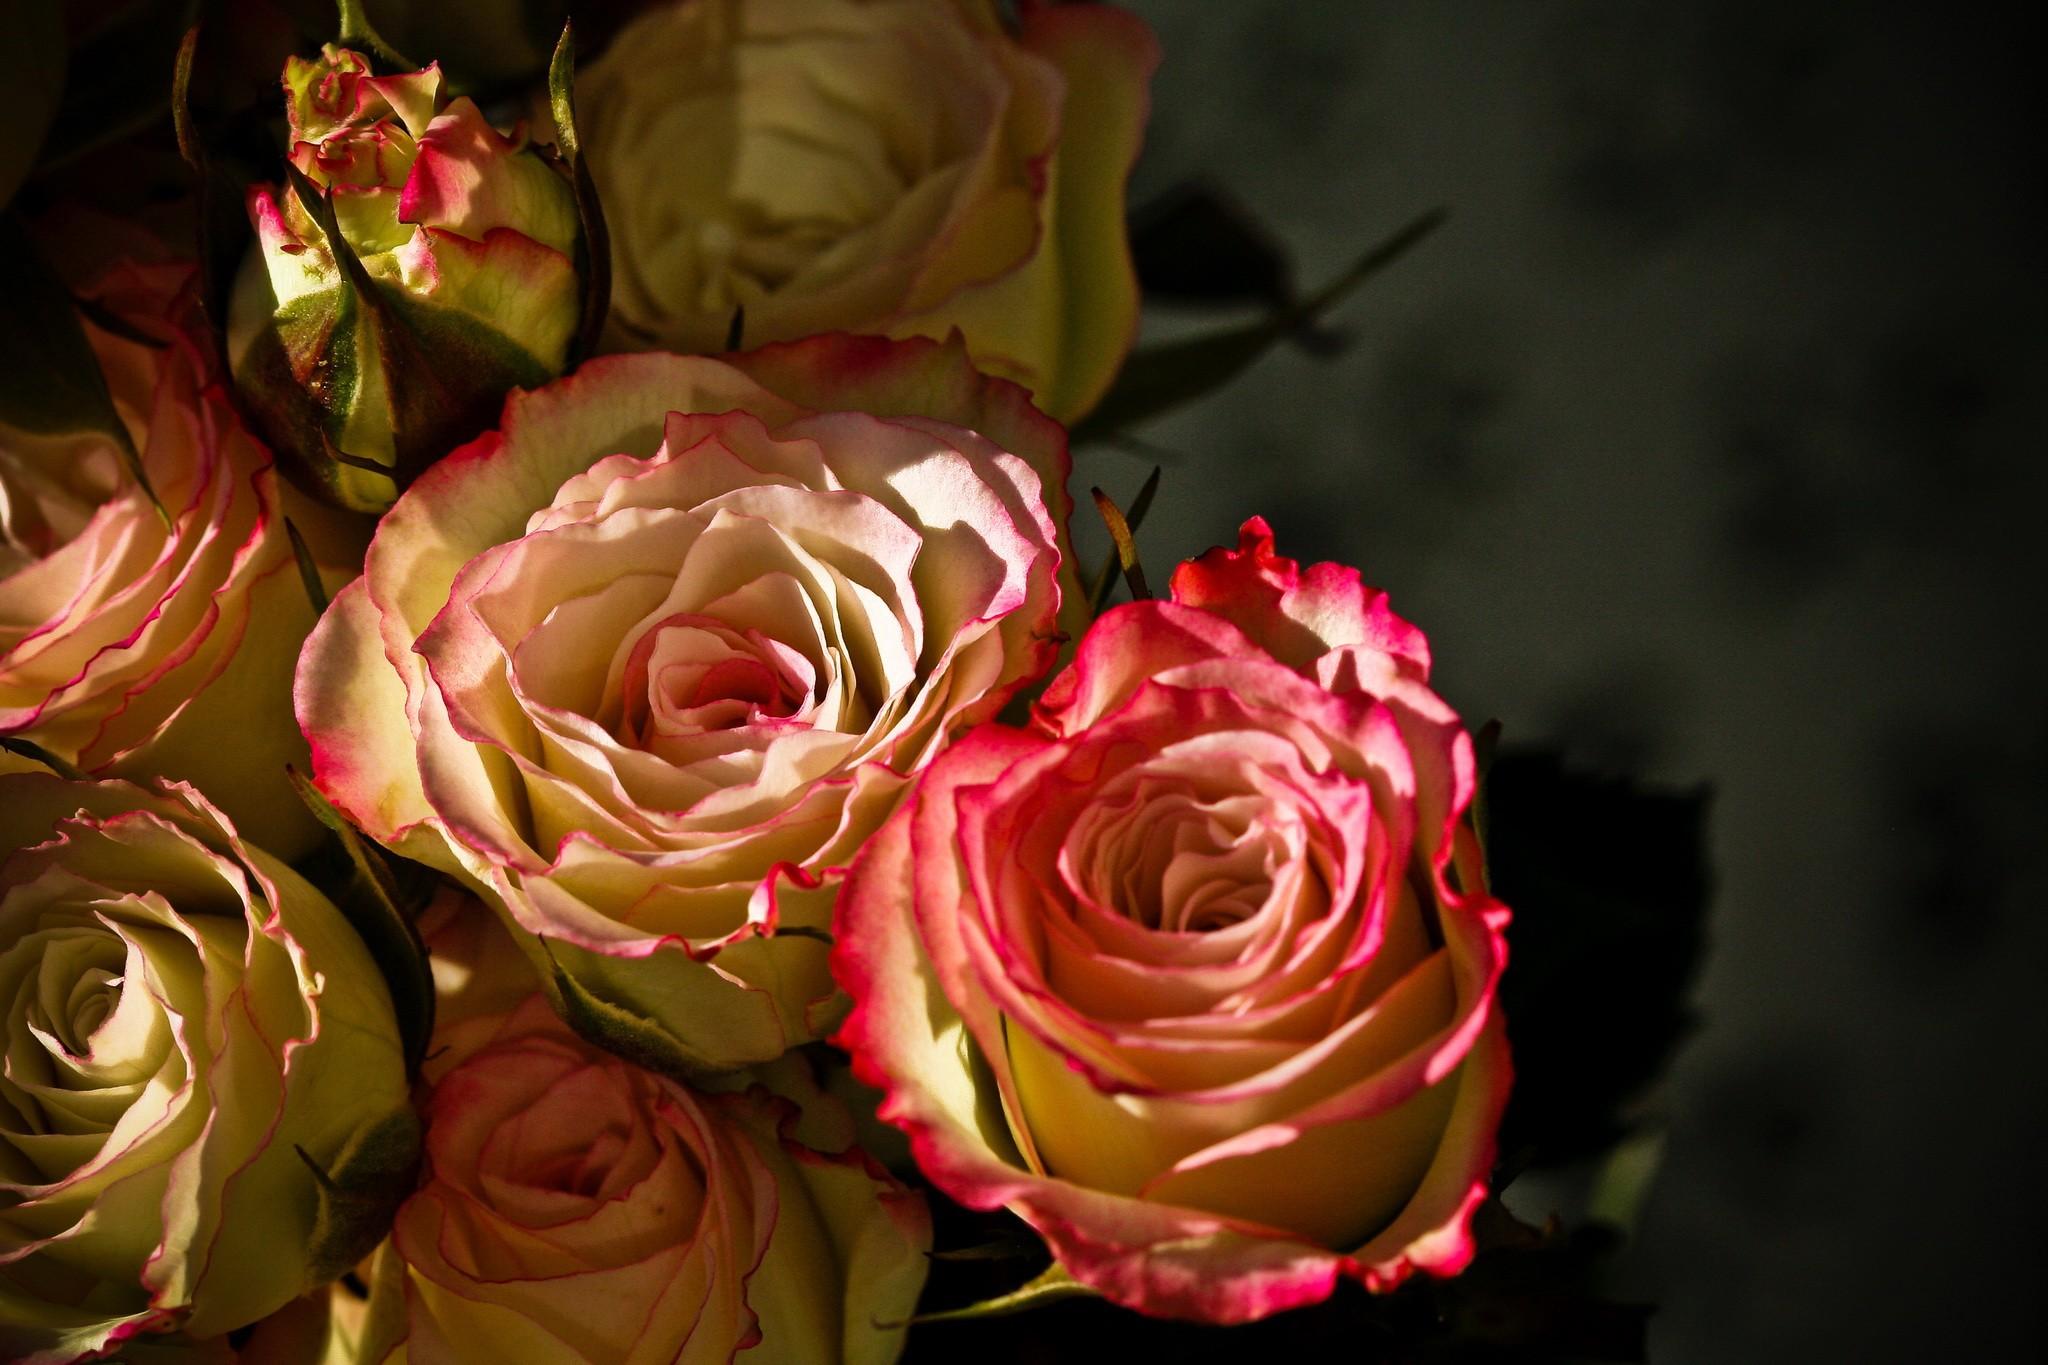 Flower Wallpaper Tumblr, Natural, Flowers, Closeup, - 1080p Natural Flower - HD Wallpaper